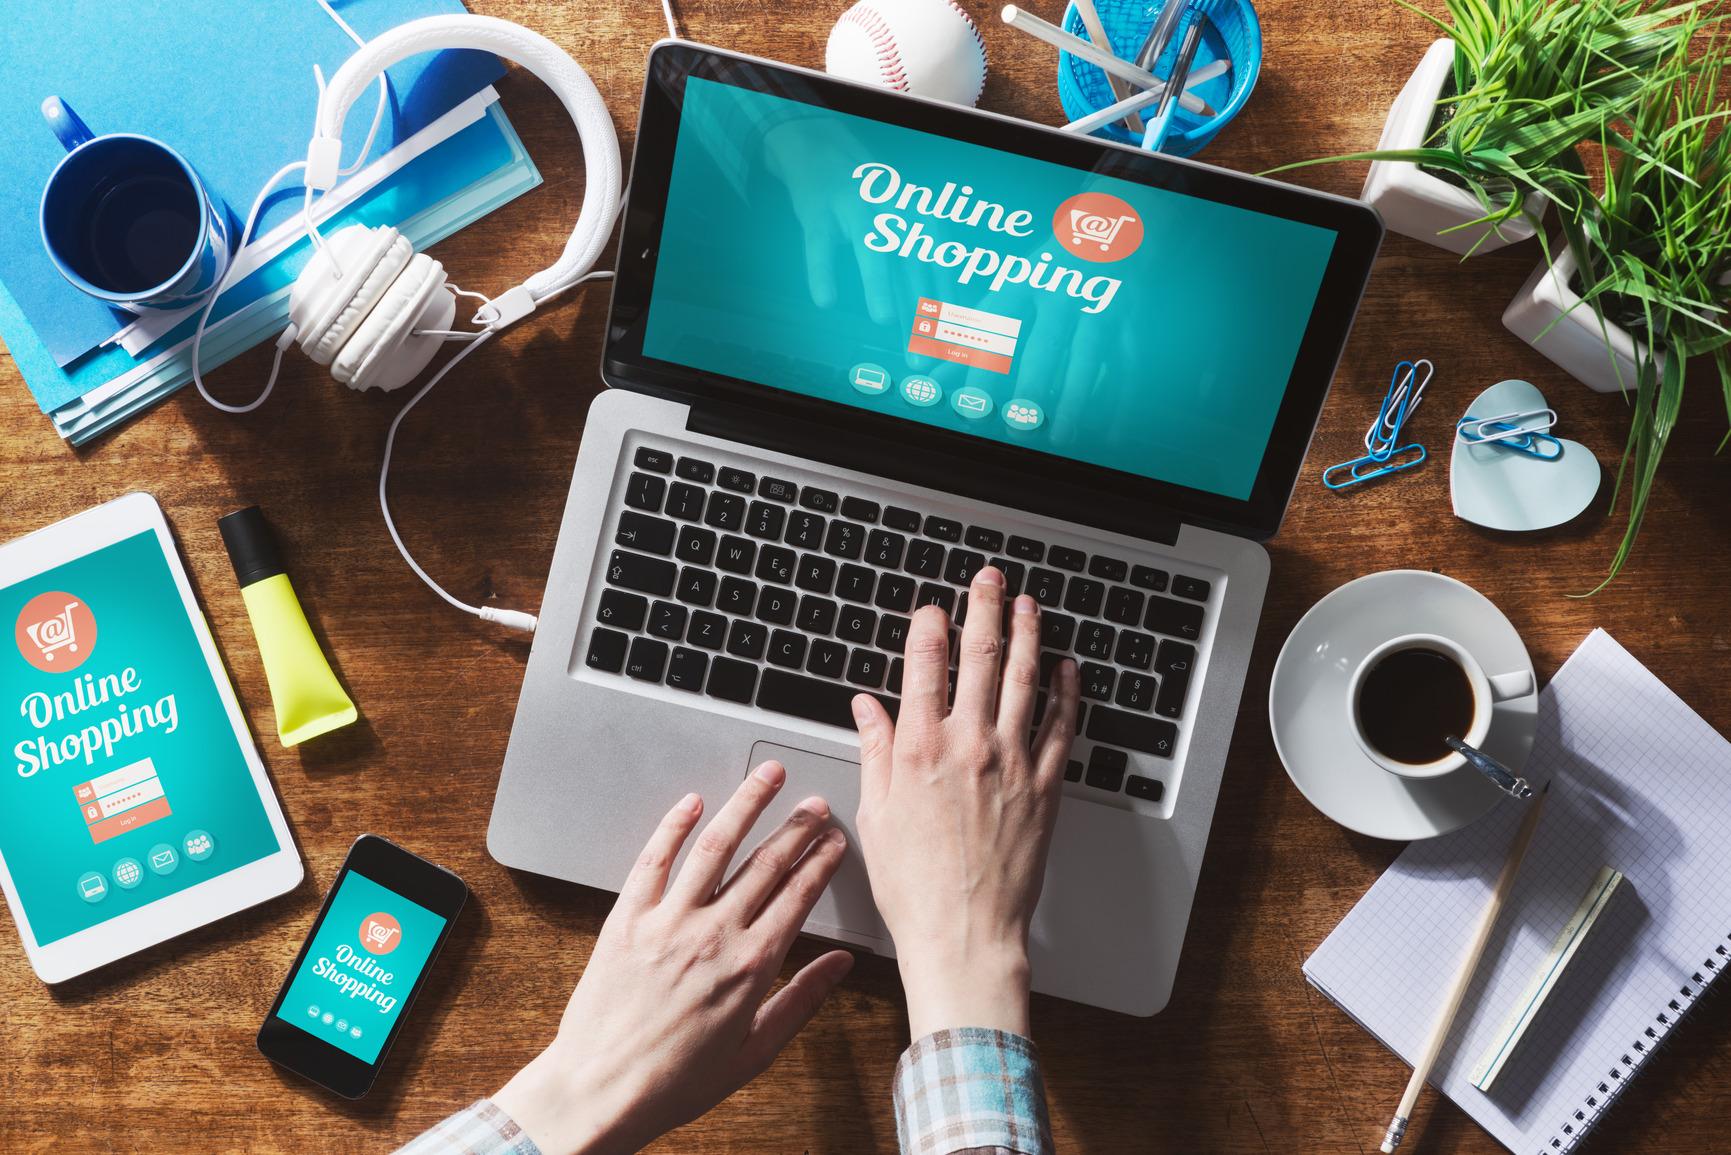 Trik Berjualan Online di Shopee Dengan Sistem Dropship » Ini Alasan Dropship Dinyatakan Sebagai Bisnis Online yang Menguntungkan